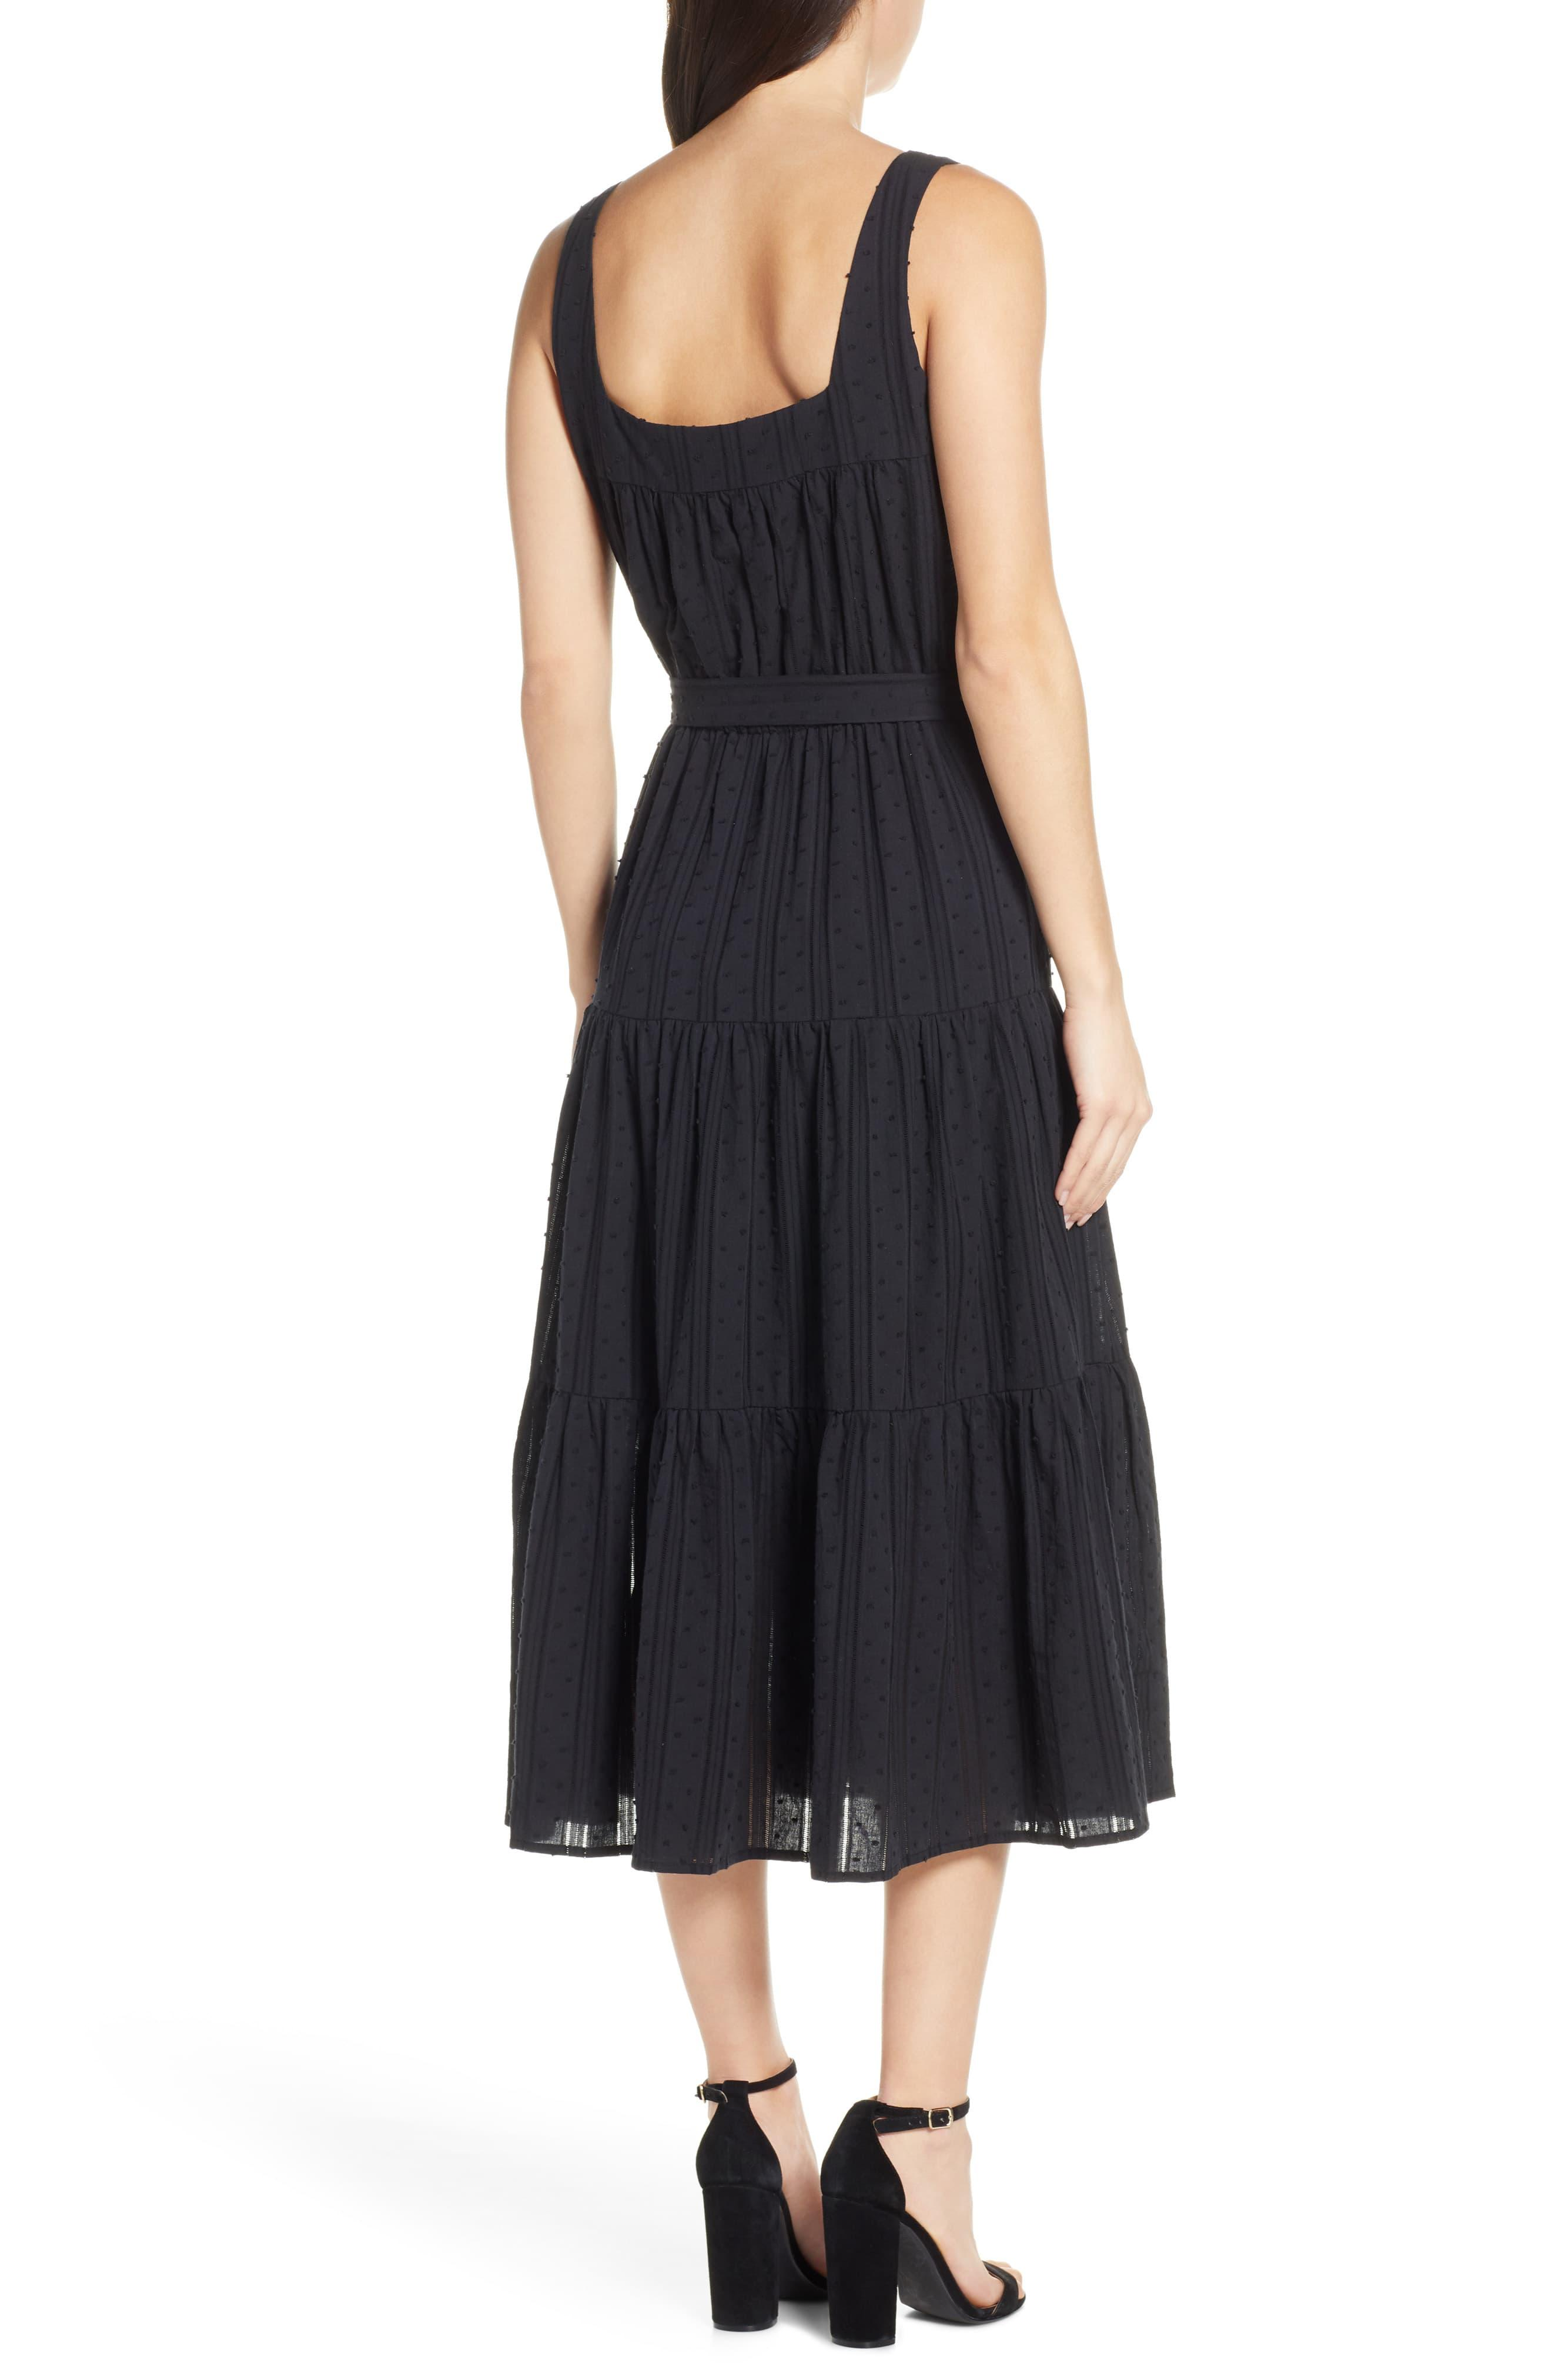 f0031d5370d4 Chelsea28 - Black Tiered Fit & Flare Midi Dress - Lyst. View fullscreen